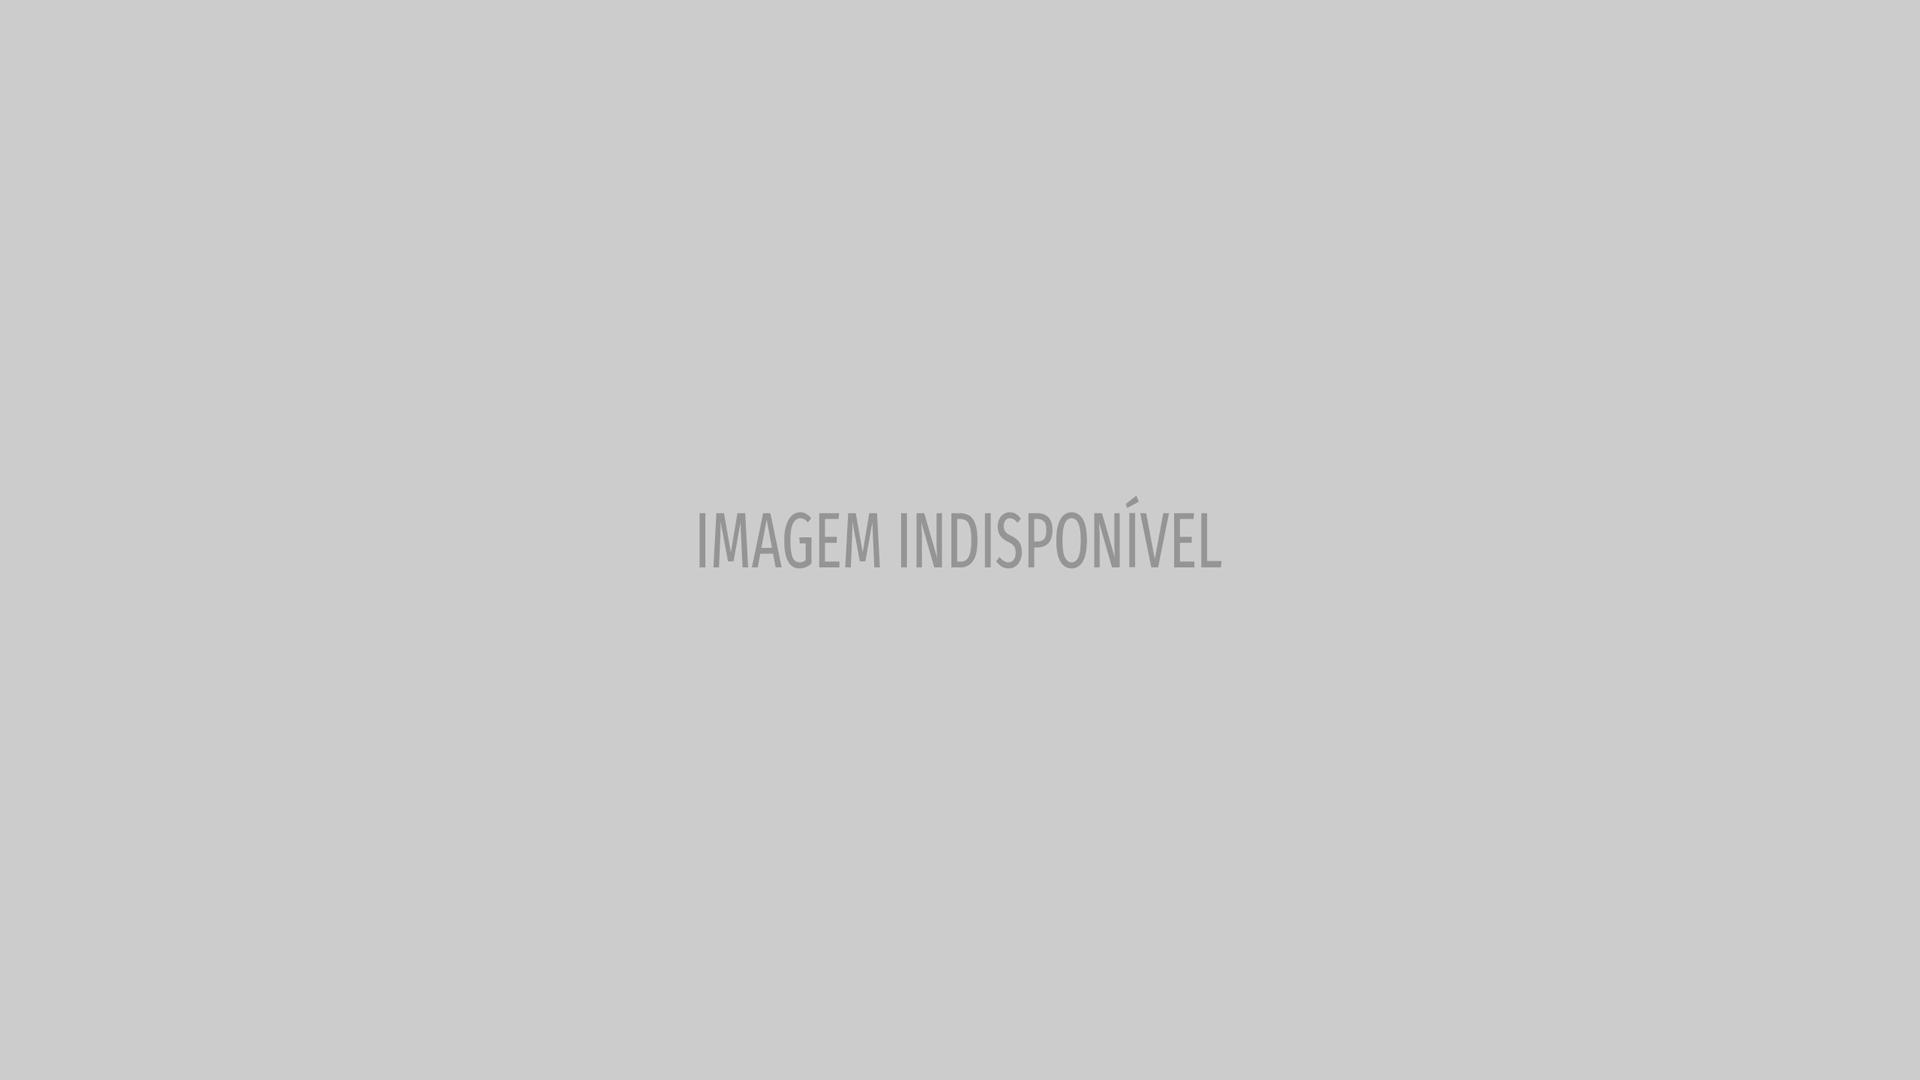 Fisco aponta manobras tributárias de empresários ligados a Bolsonaro